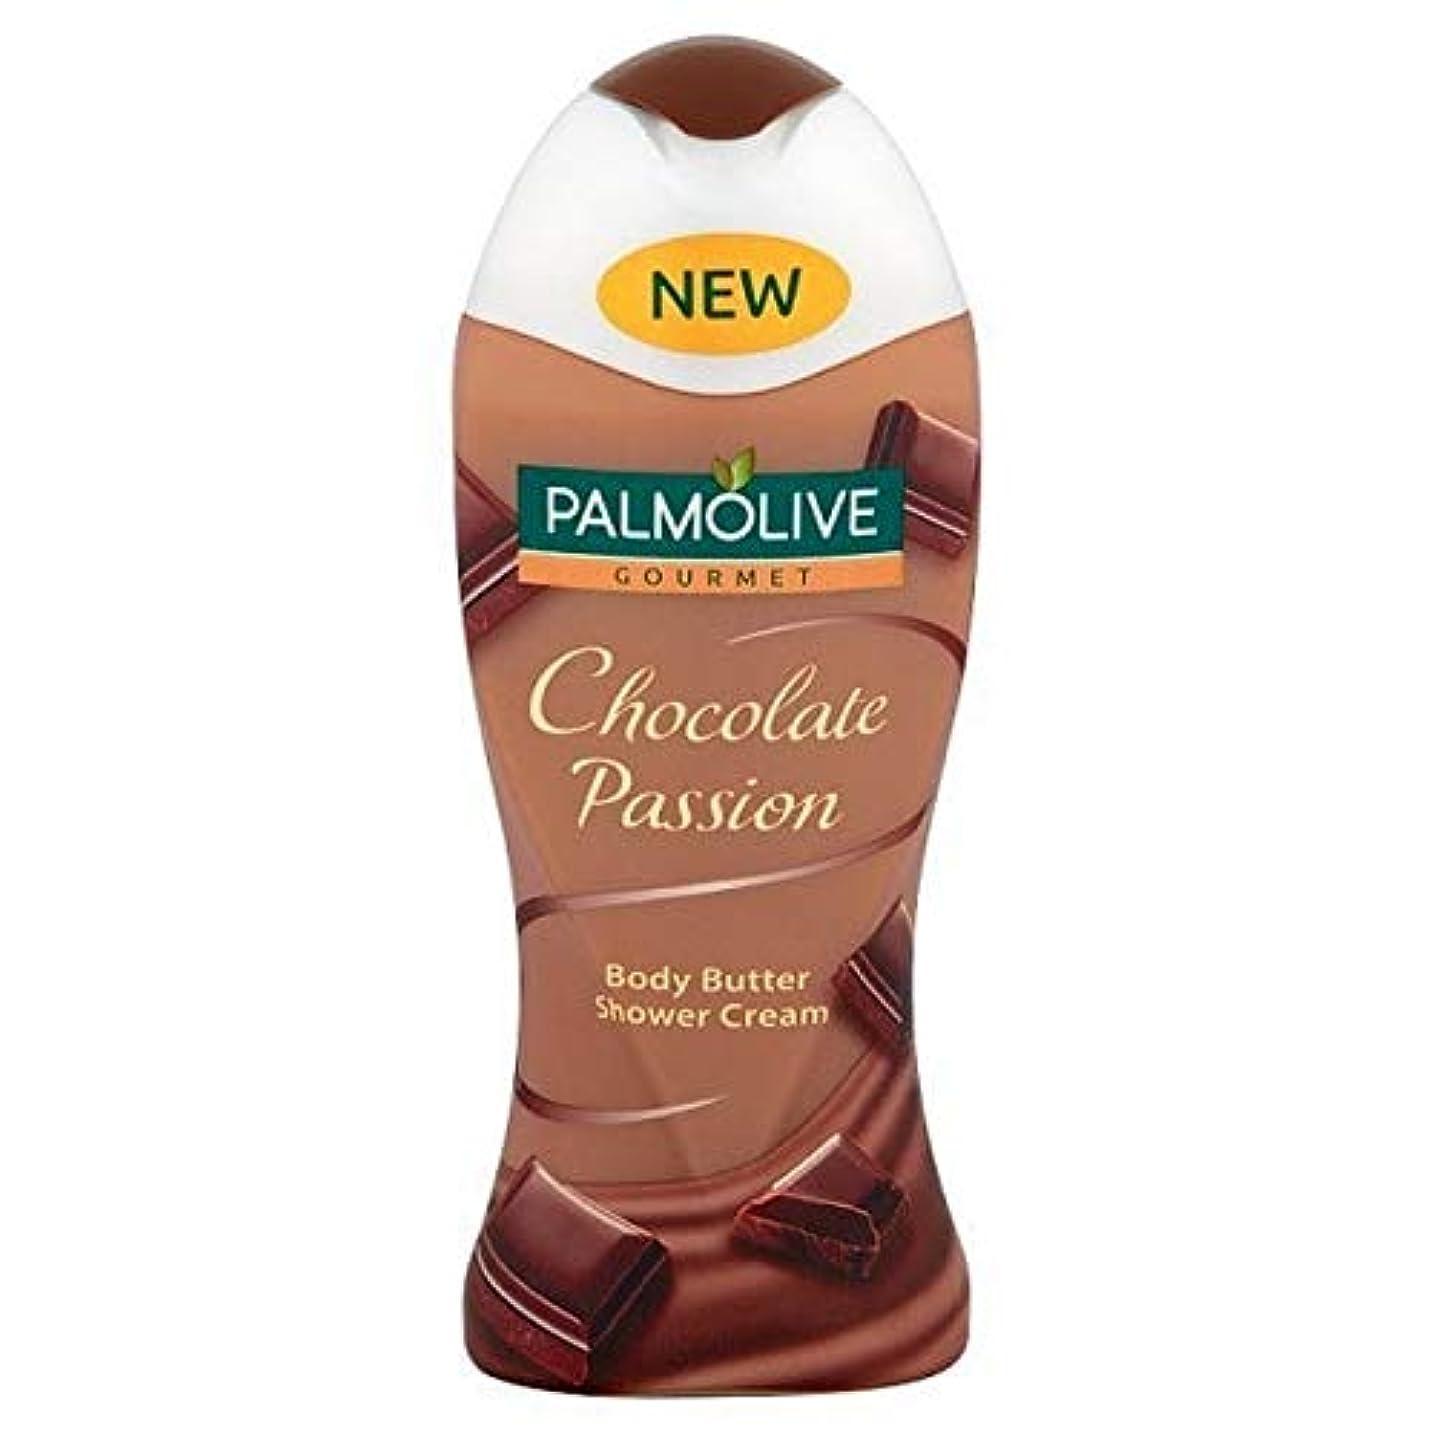 しかしジョセフバンクス構成[Palmolive ] パルモグルメチョコレートパッションシャワージェル250ミリリットル - Palmolive Gourmet Chocolate Passion Shower Gel 250ml [並行輸入品]